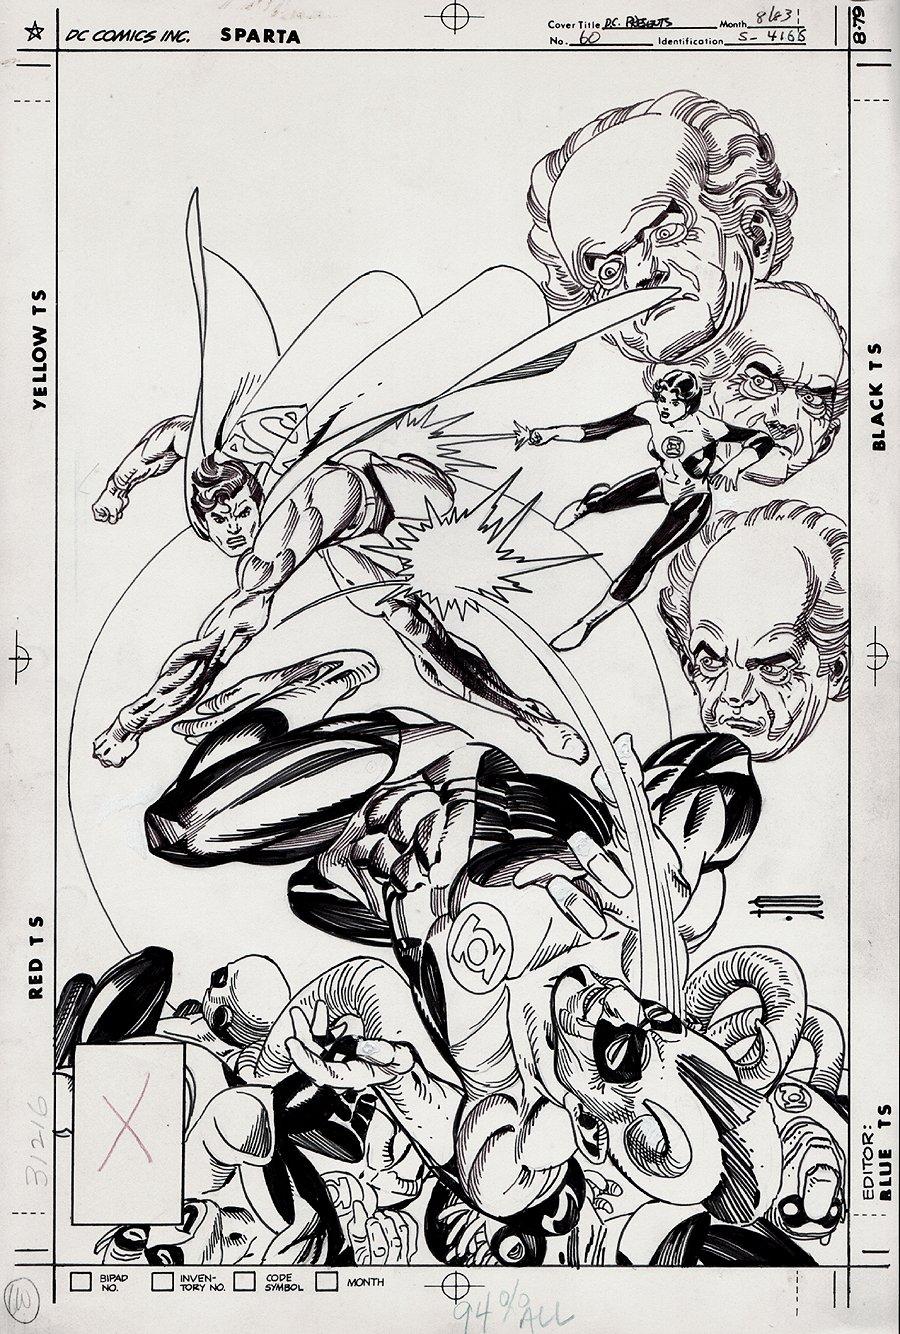 DC Comics Presents #60 Cover (1983)